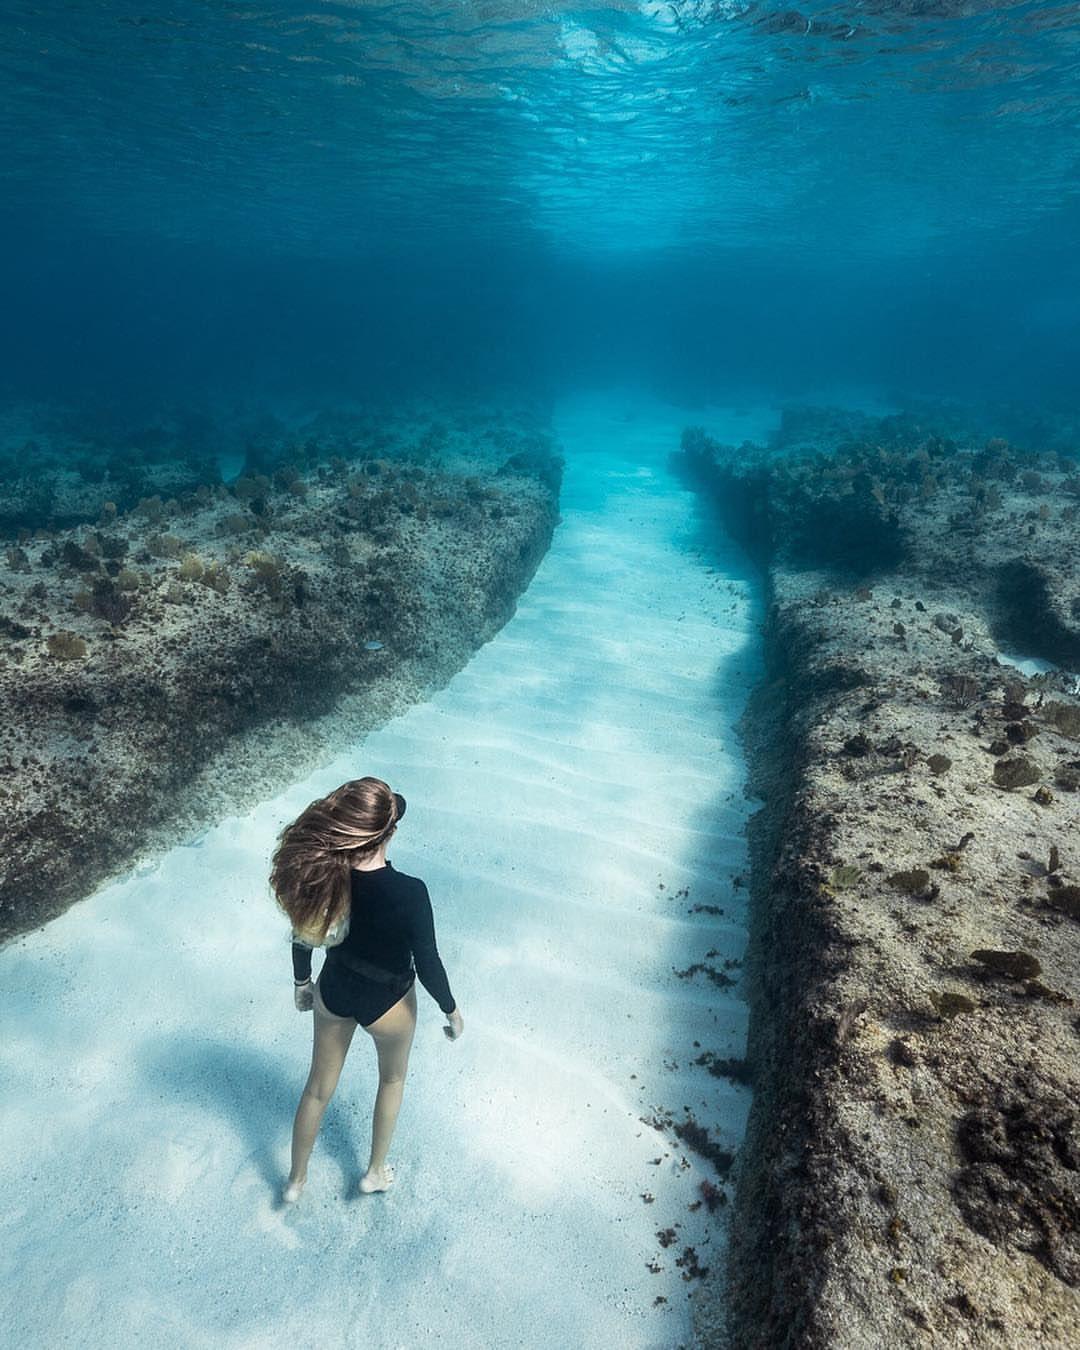 летать, благодаря необычные подводные фотографии фотосъемка